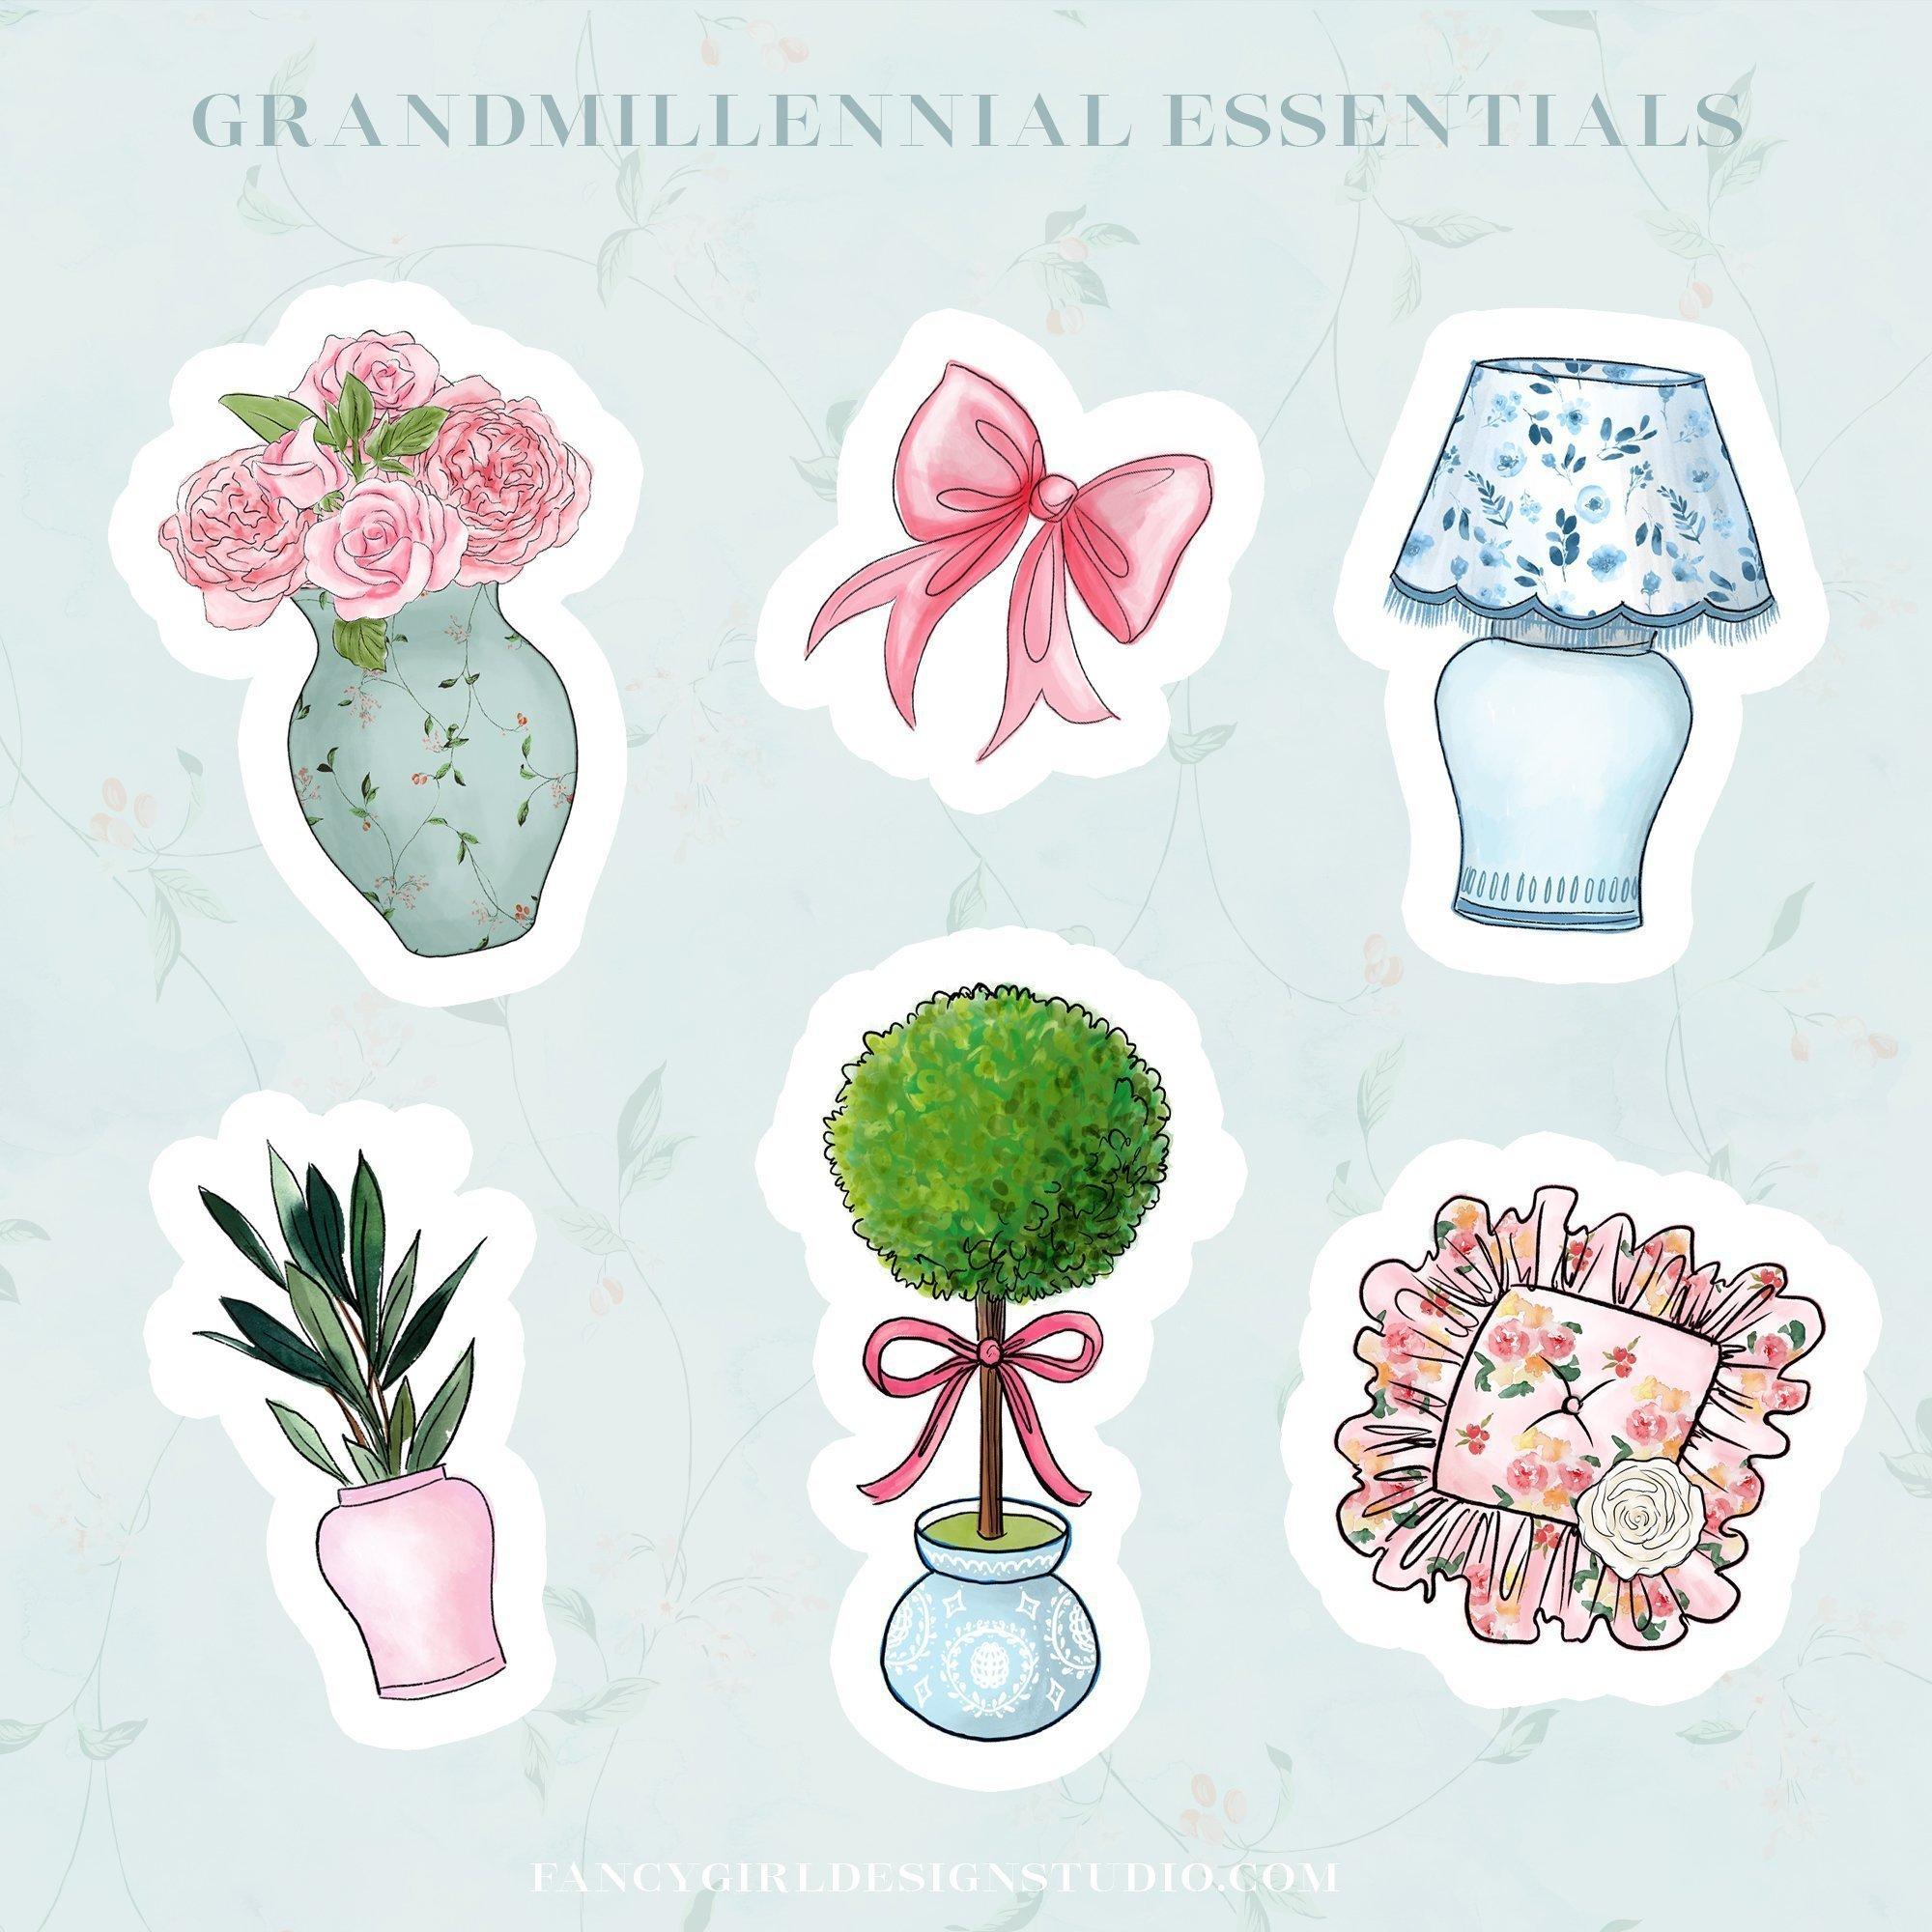 grandmillennial style essentials